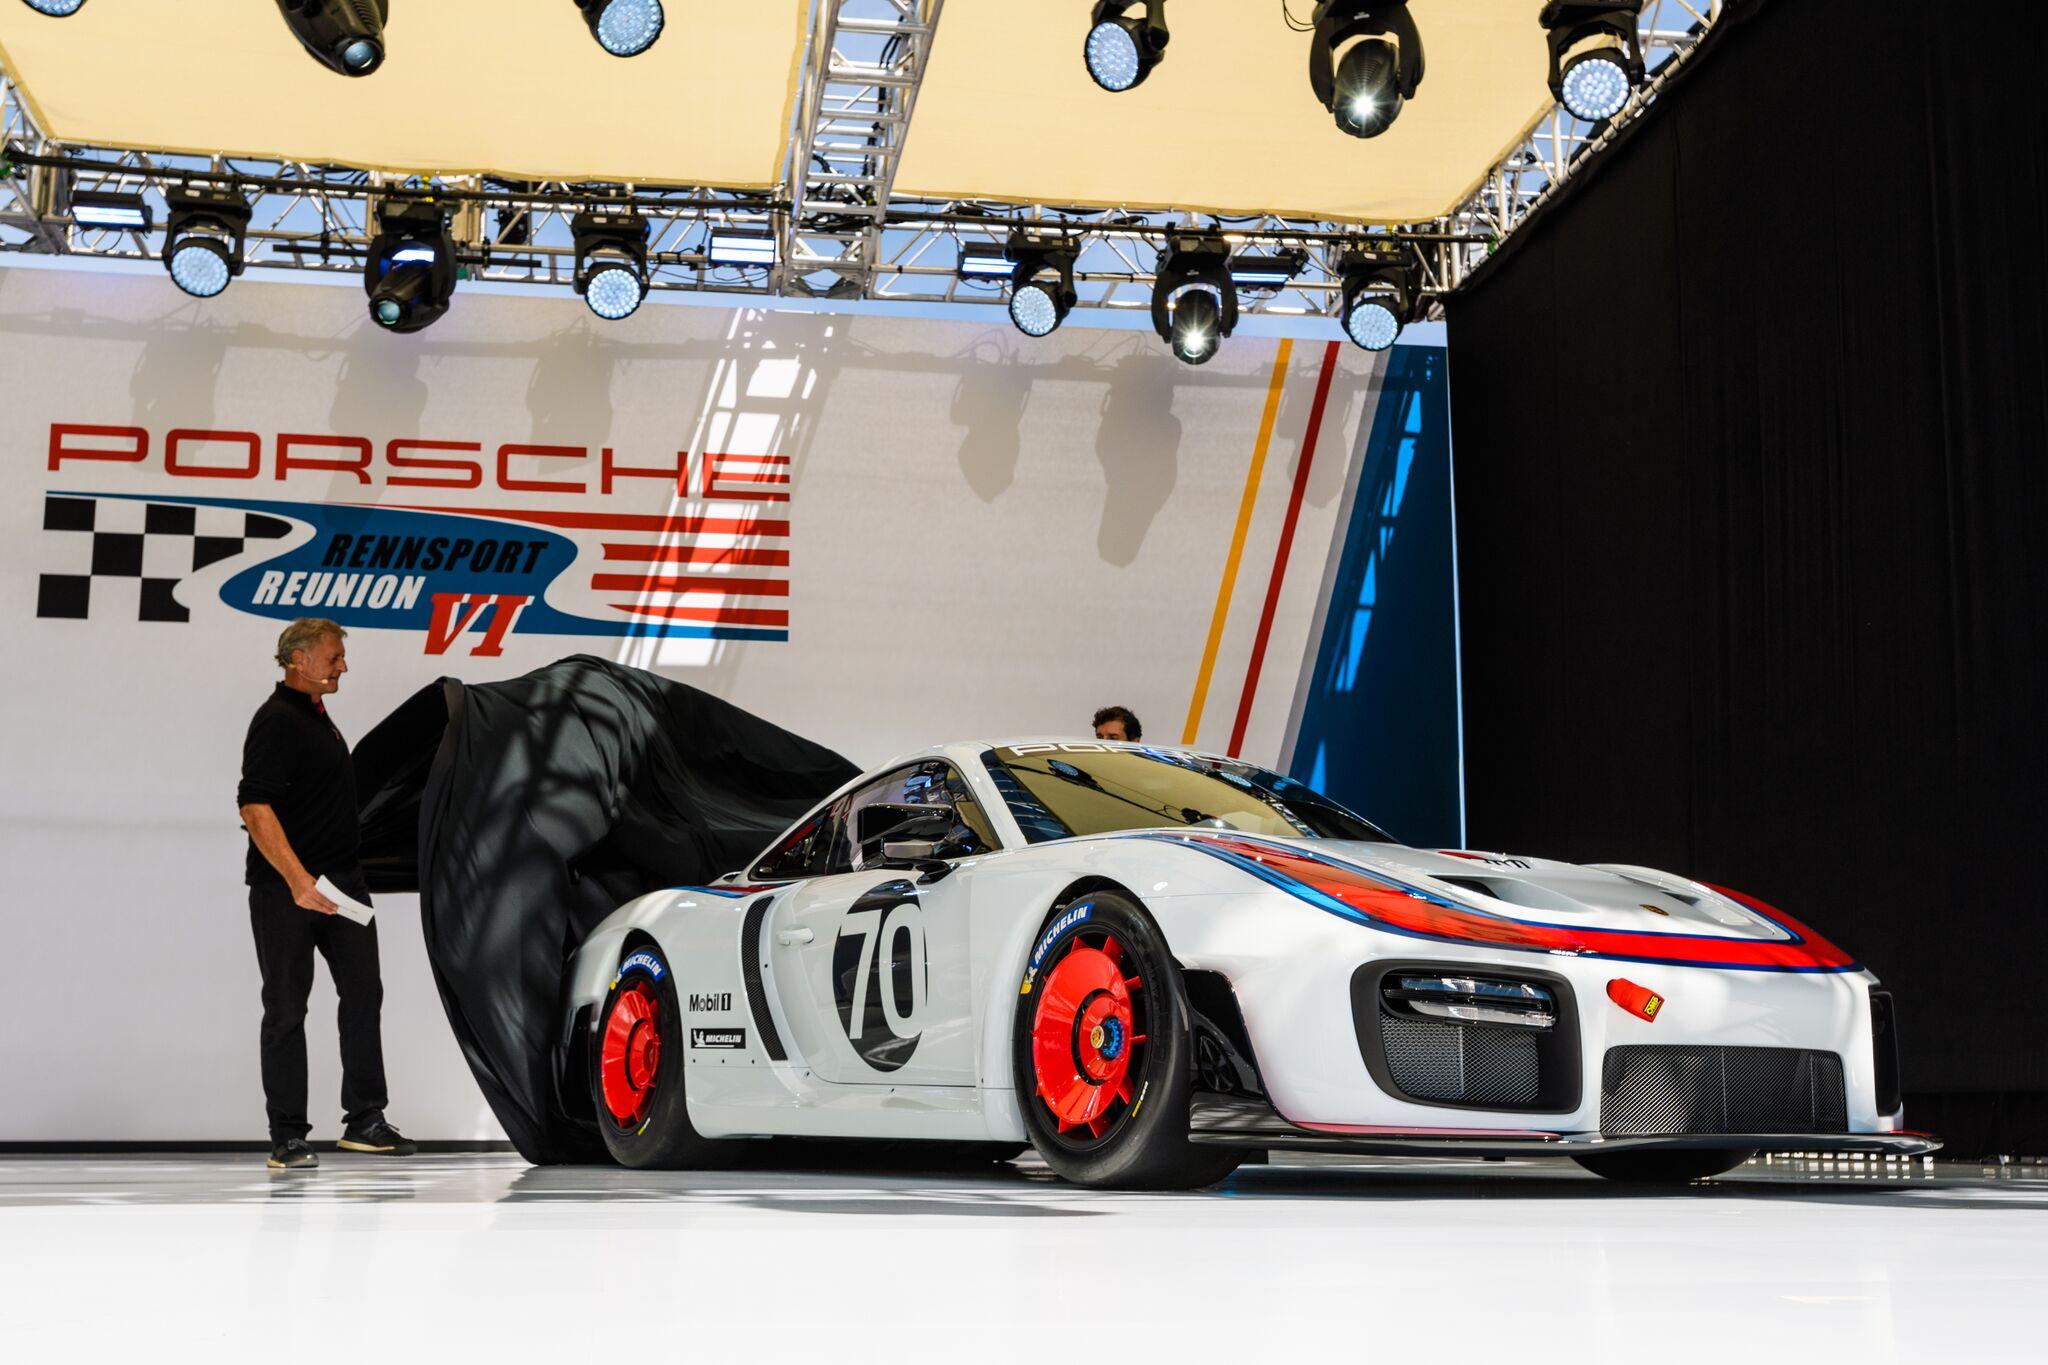 Porsche935Rennsport-2